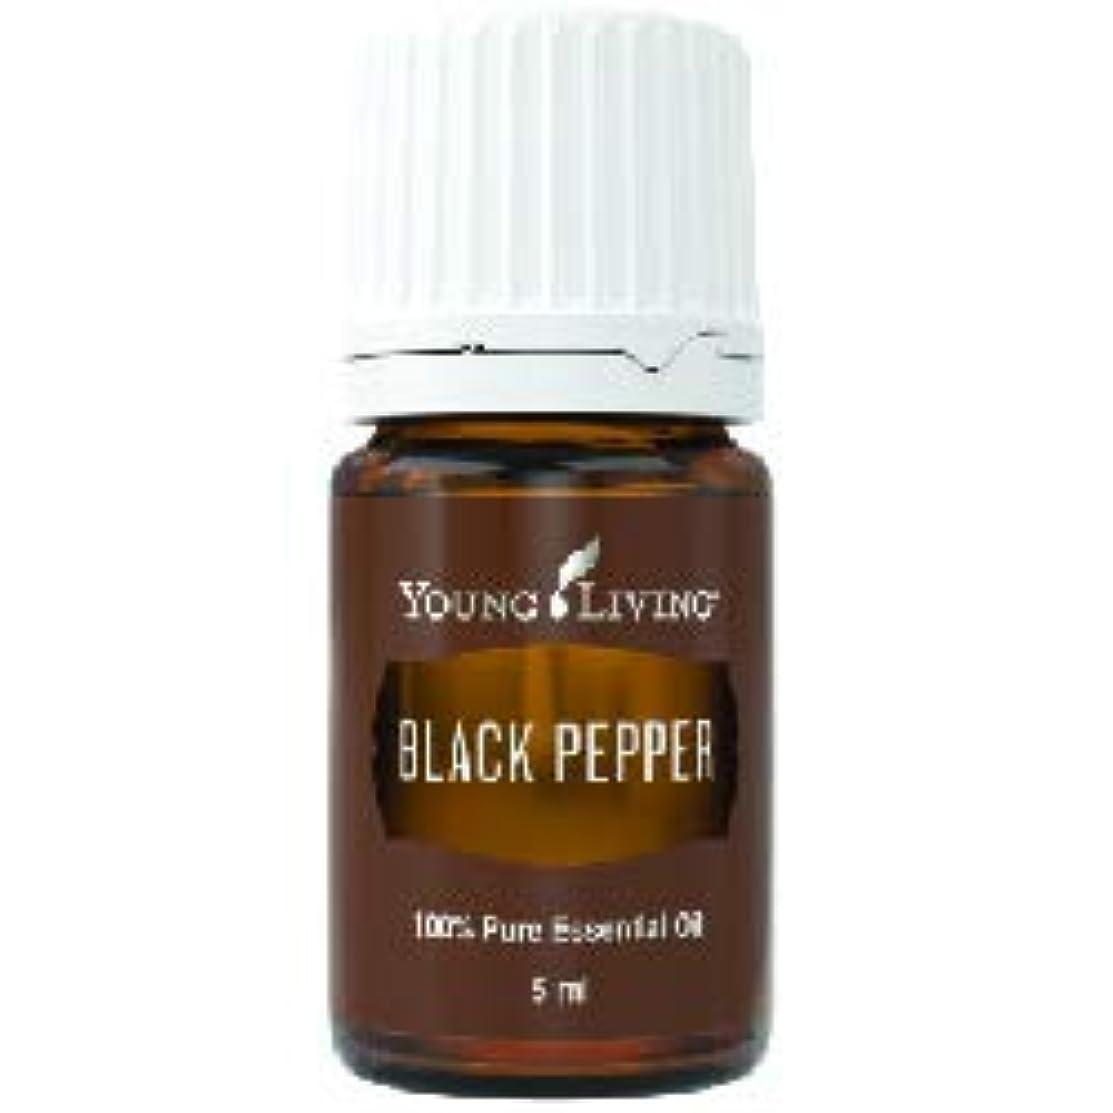 ジャンク孤独二ブラックペッパーエッセンシャルオイル 5 ml byヤングリビングエッセンシャルオイルマレーシア Black Pepper Essential Oil 5 ml by Young Living Essential Oil...